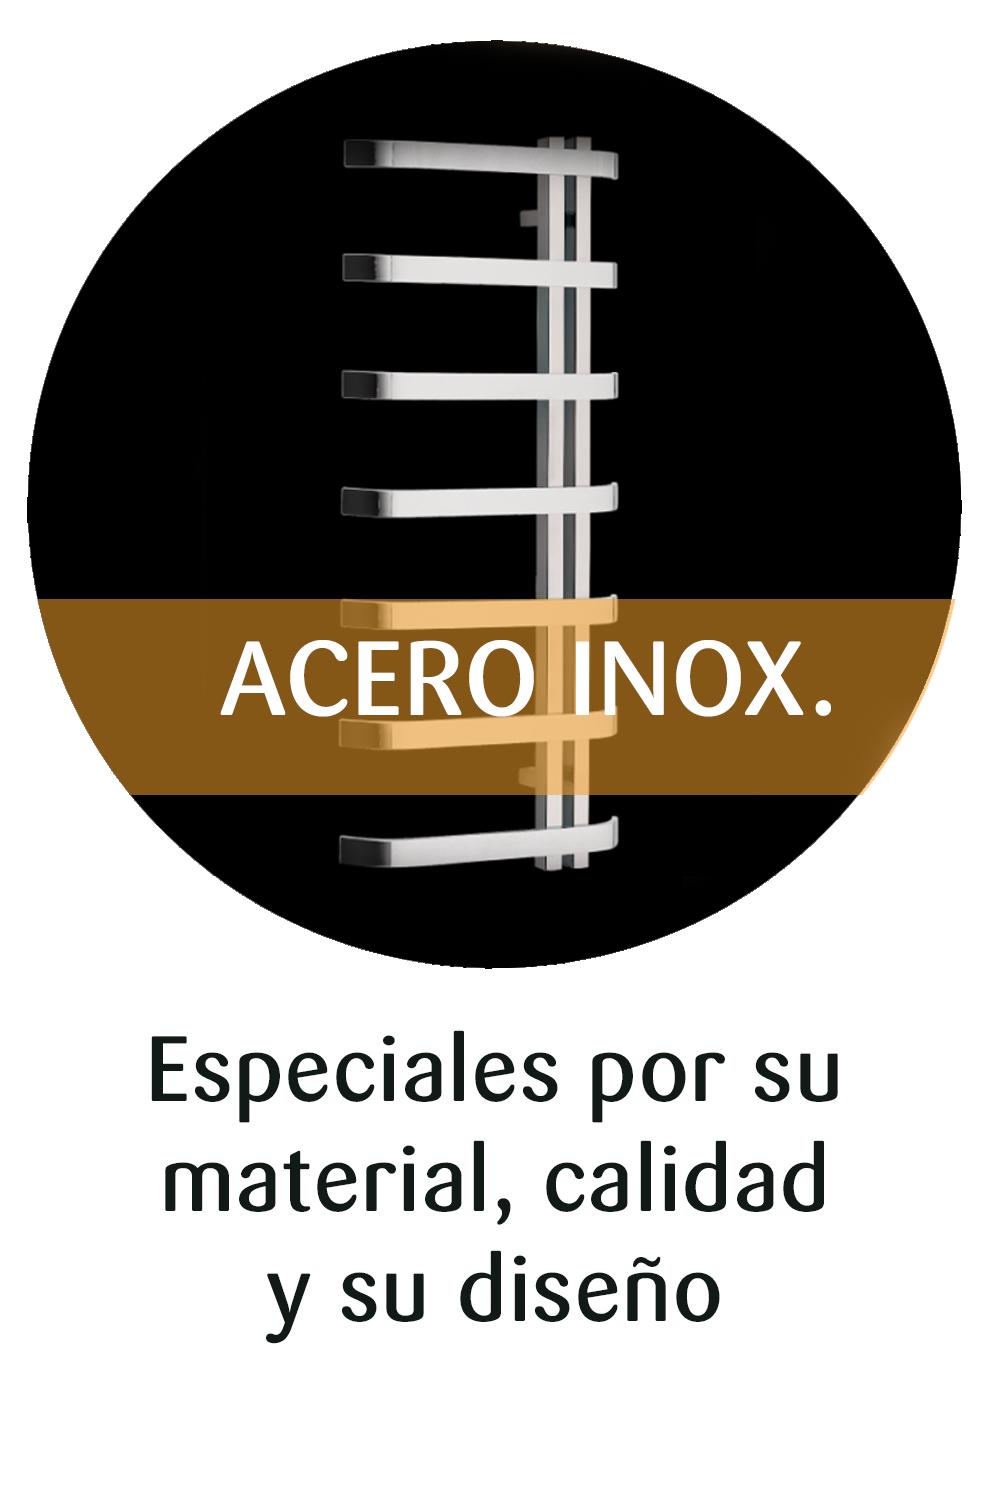 radiadores de acero inox.png